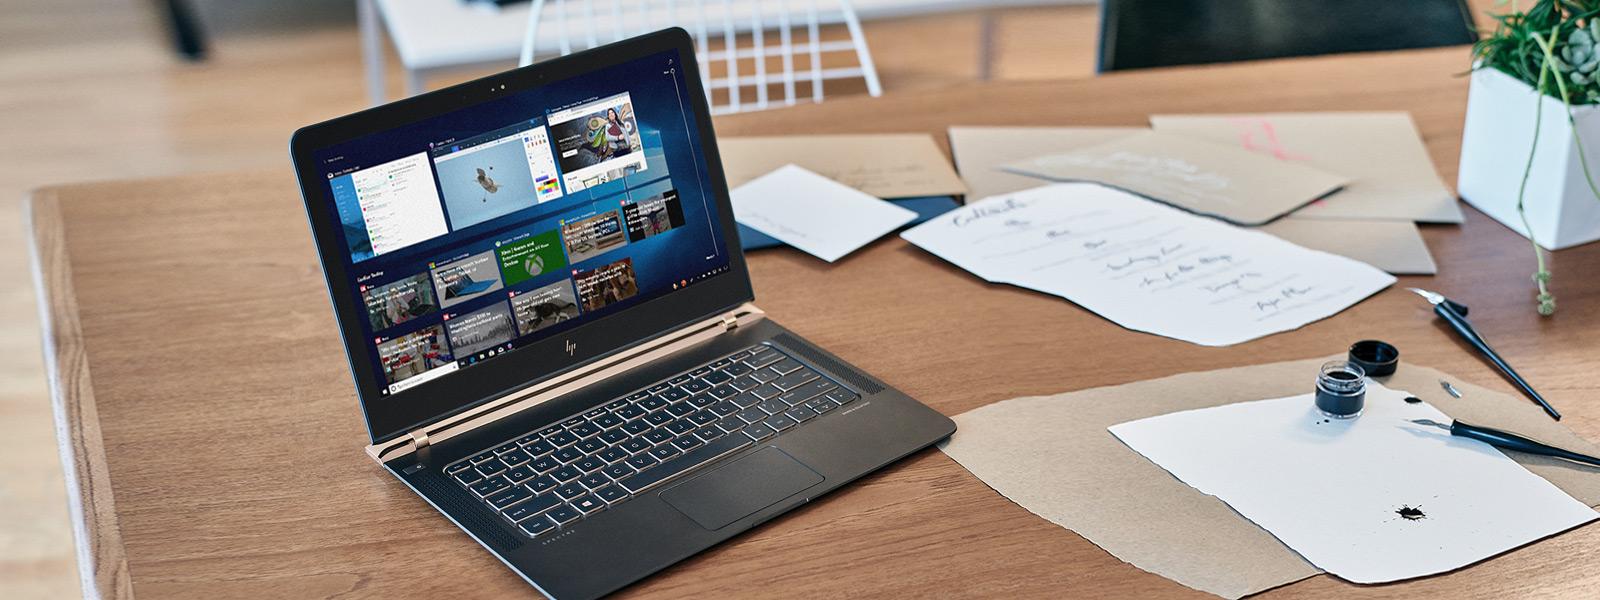 Windows Timeline auf Bildschirm eines Laptops, der auf einem Schreibtisch steht